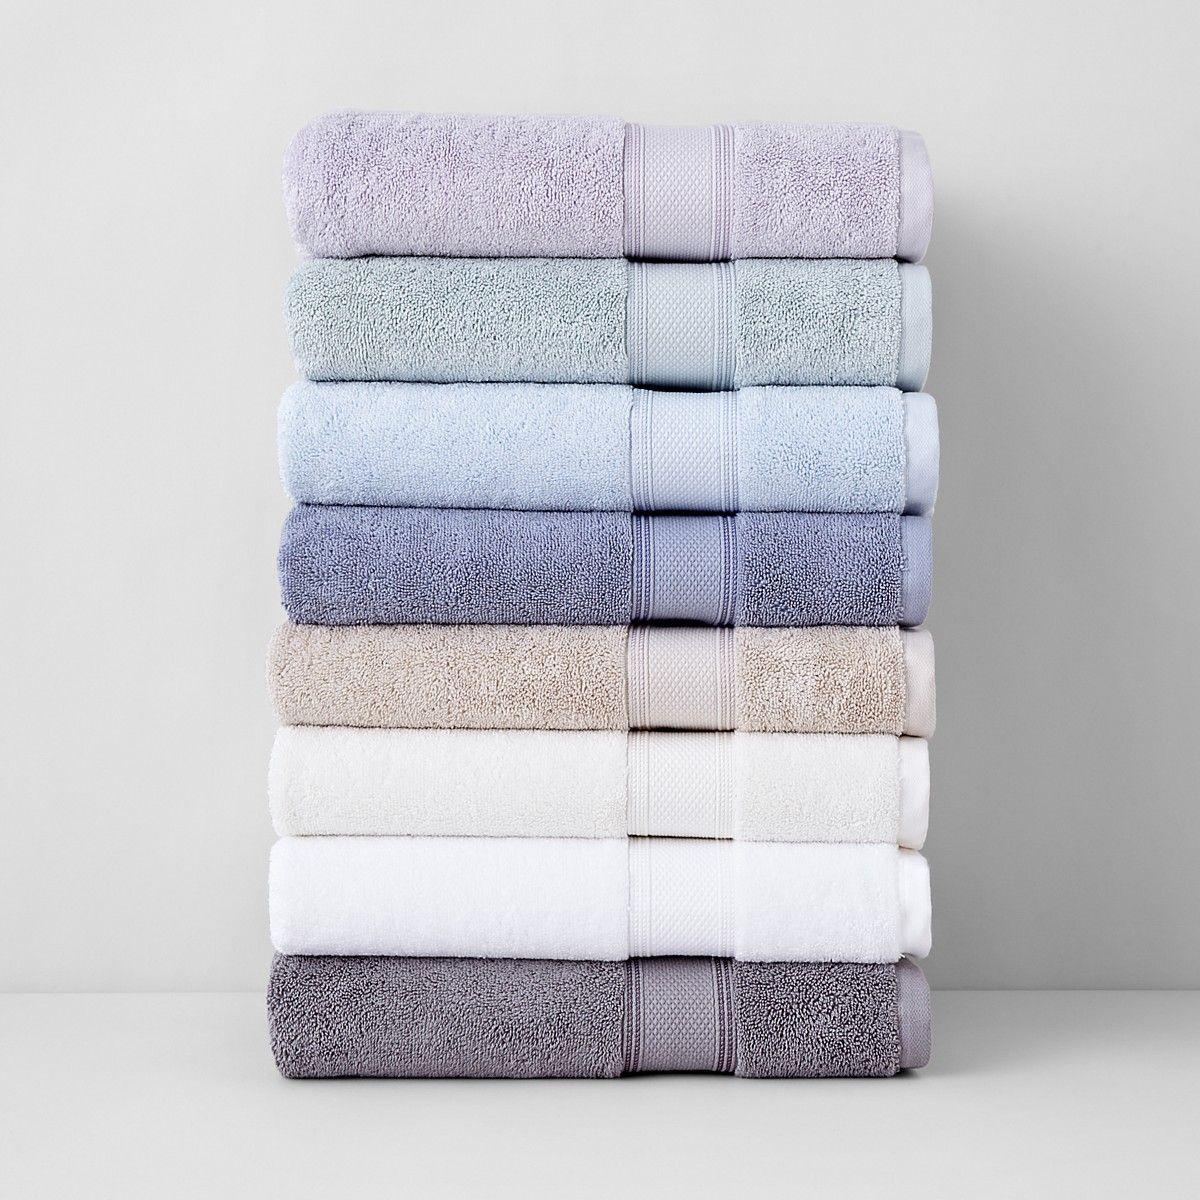 Hudson Park Supreme Bath Collection Hudson Park Towel Bath Towels